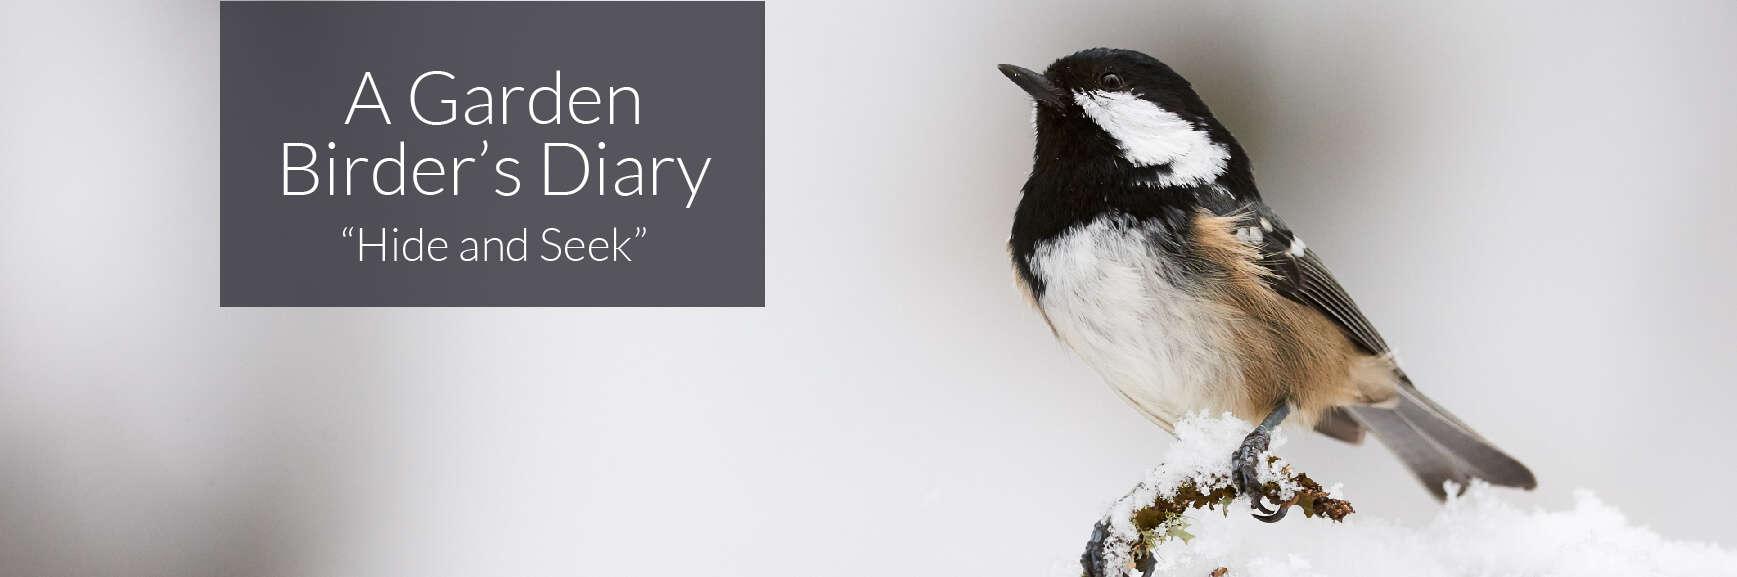 A Garden Birder's Diary – Hide and Seek.